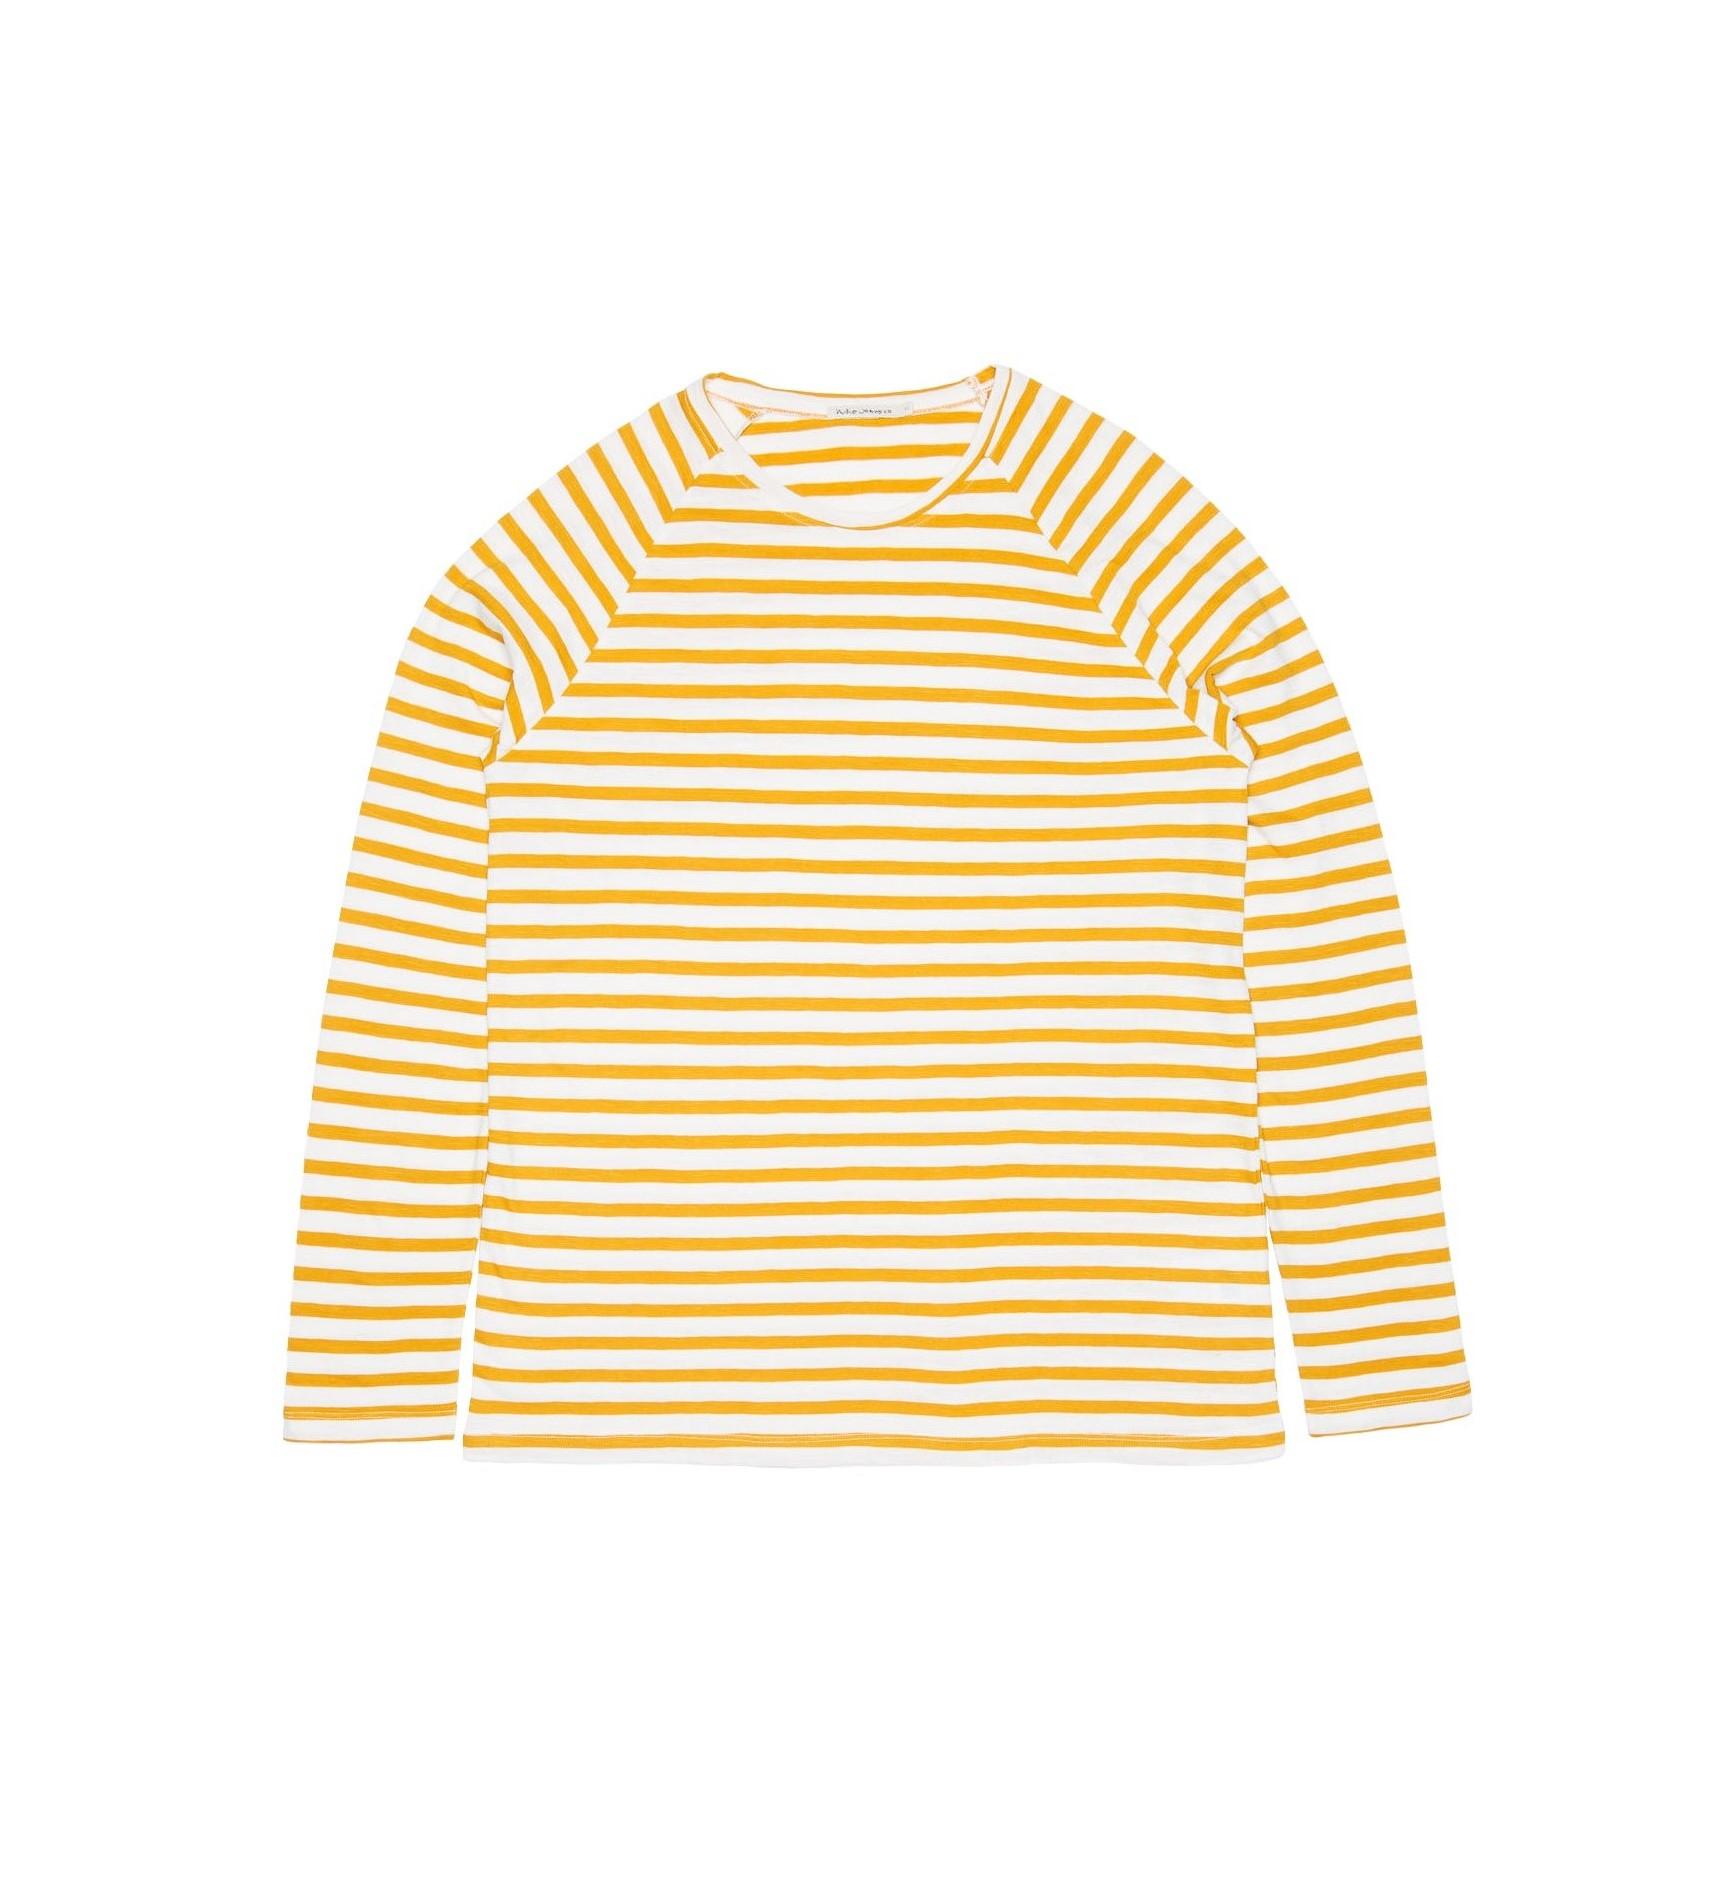 Nudie Jeans - OTTO BRETON STRIPE - Yellow